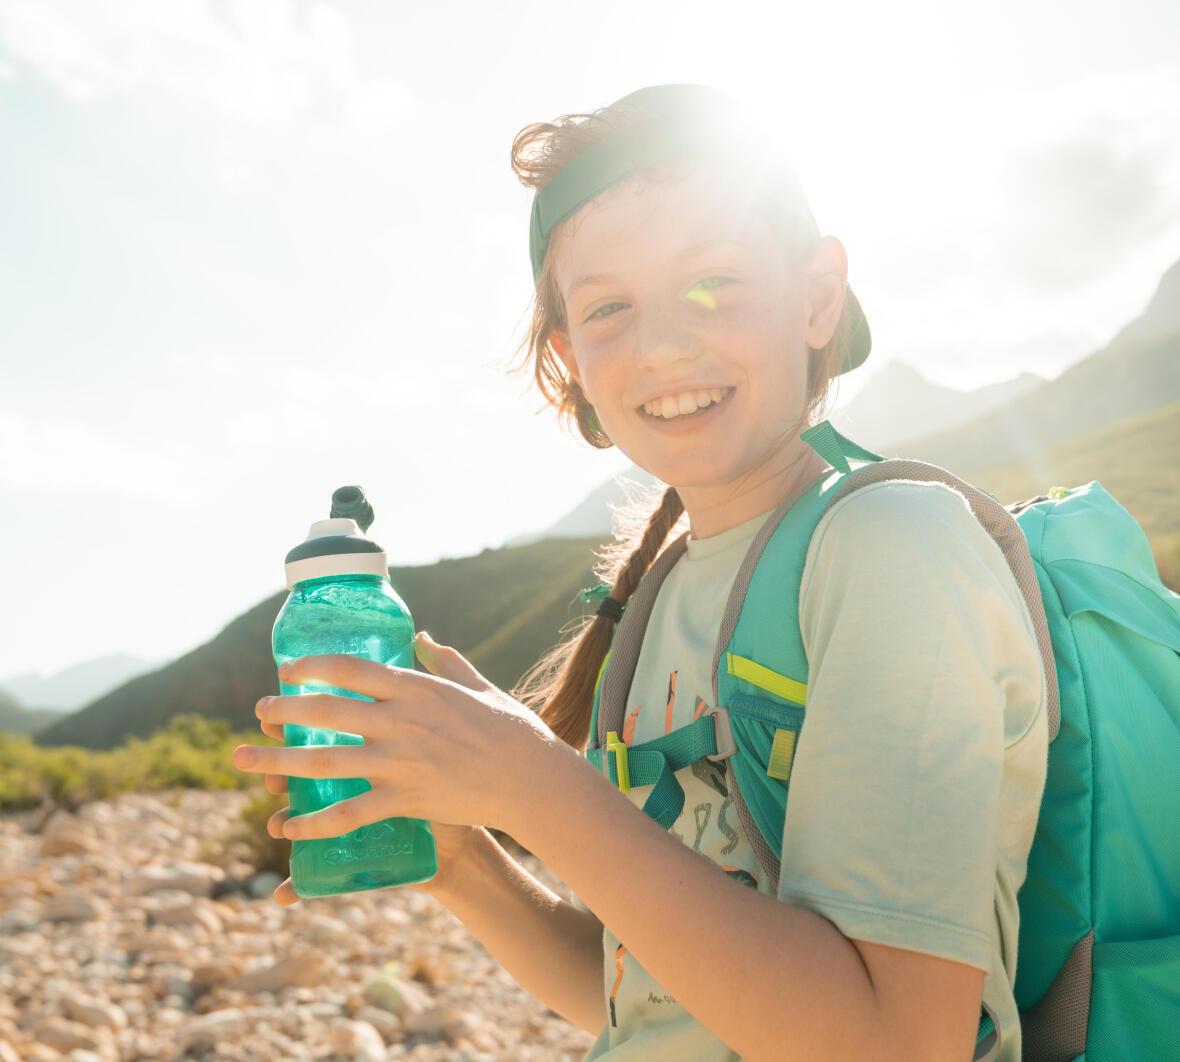 Comment bien s'hydrater en randonnée ?